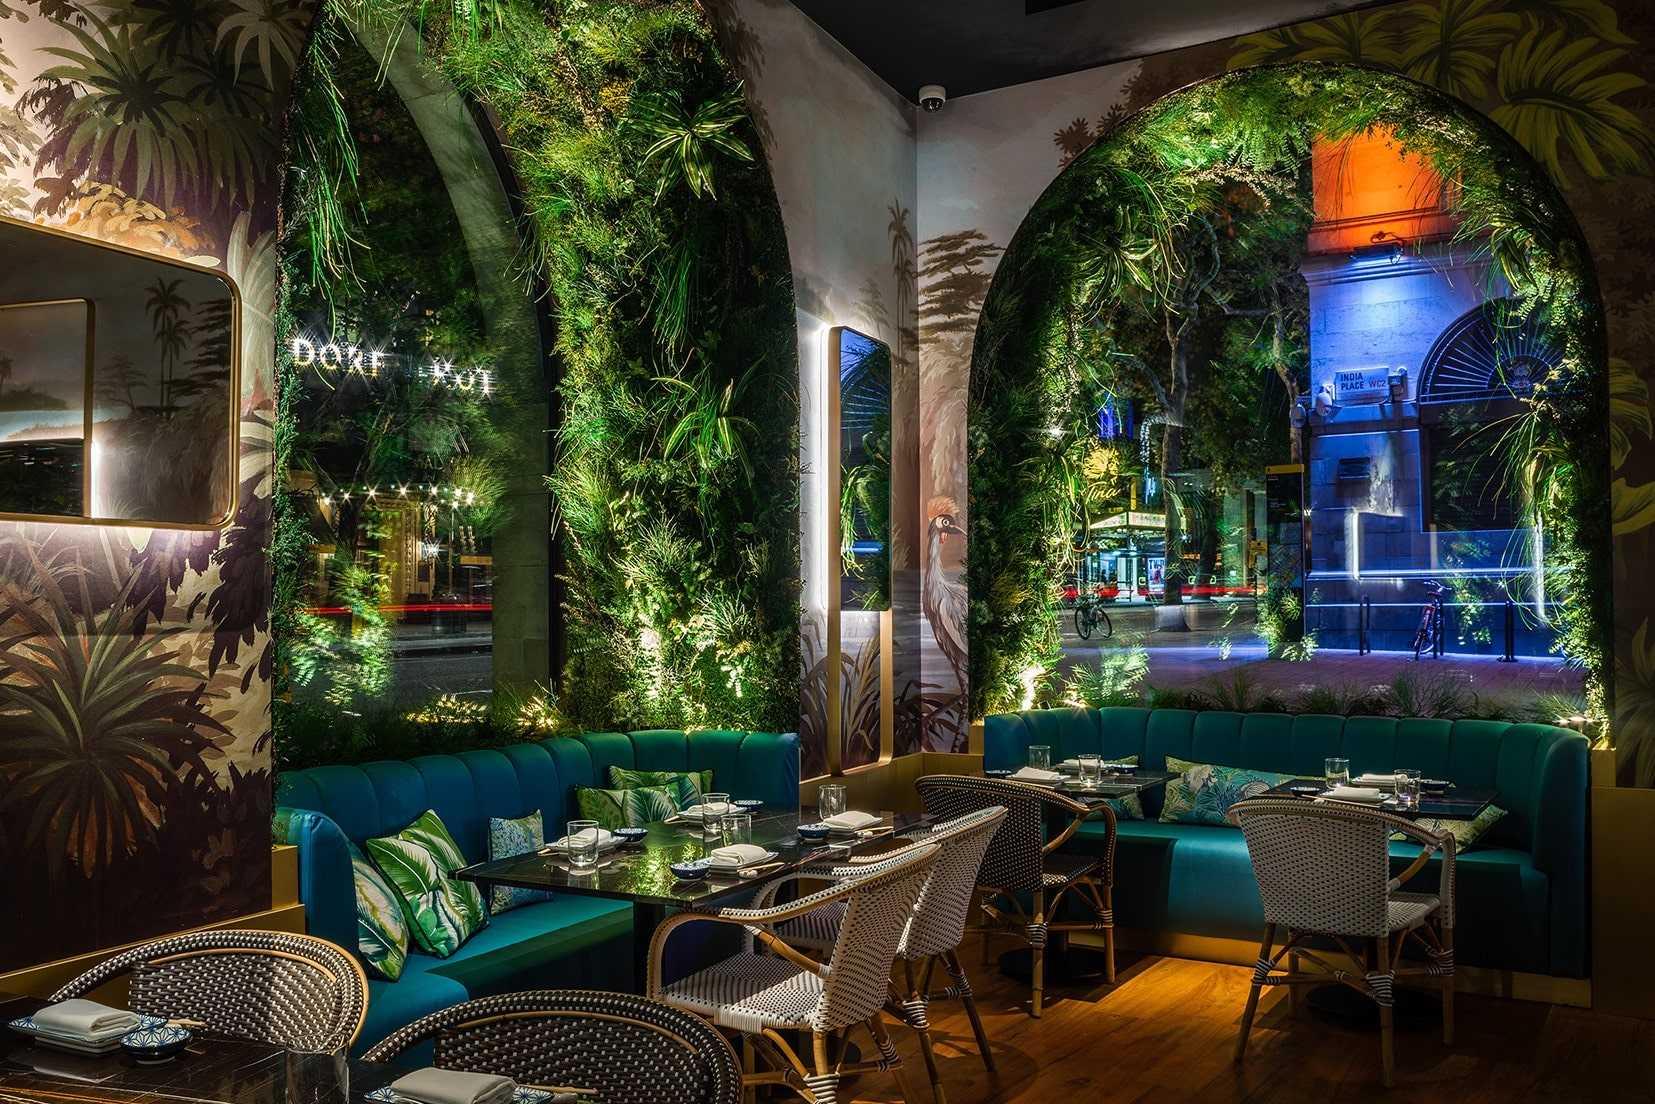 zela-restaurant-at-me-london-hotel